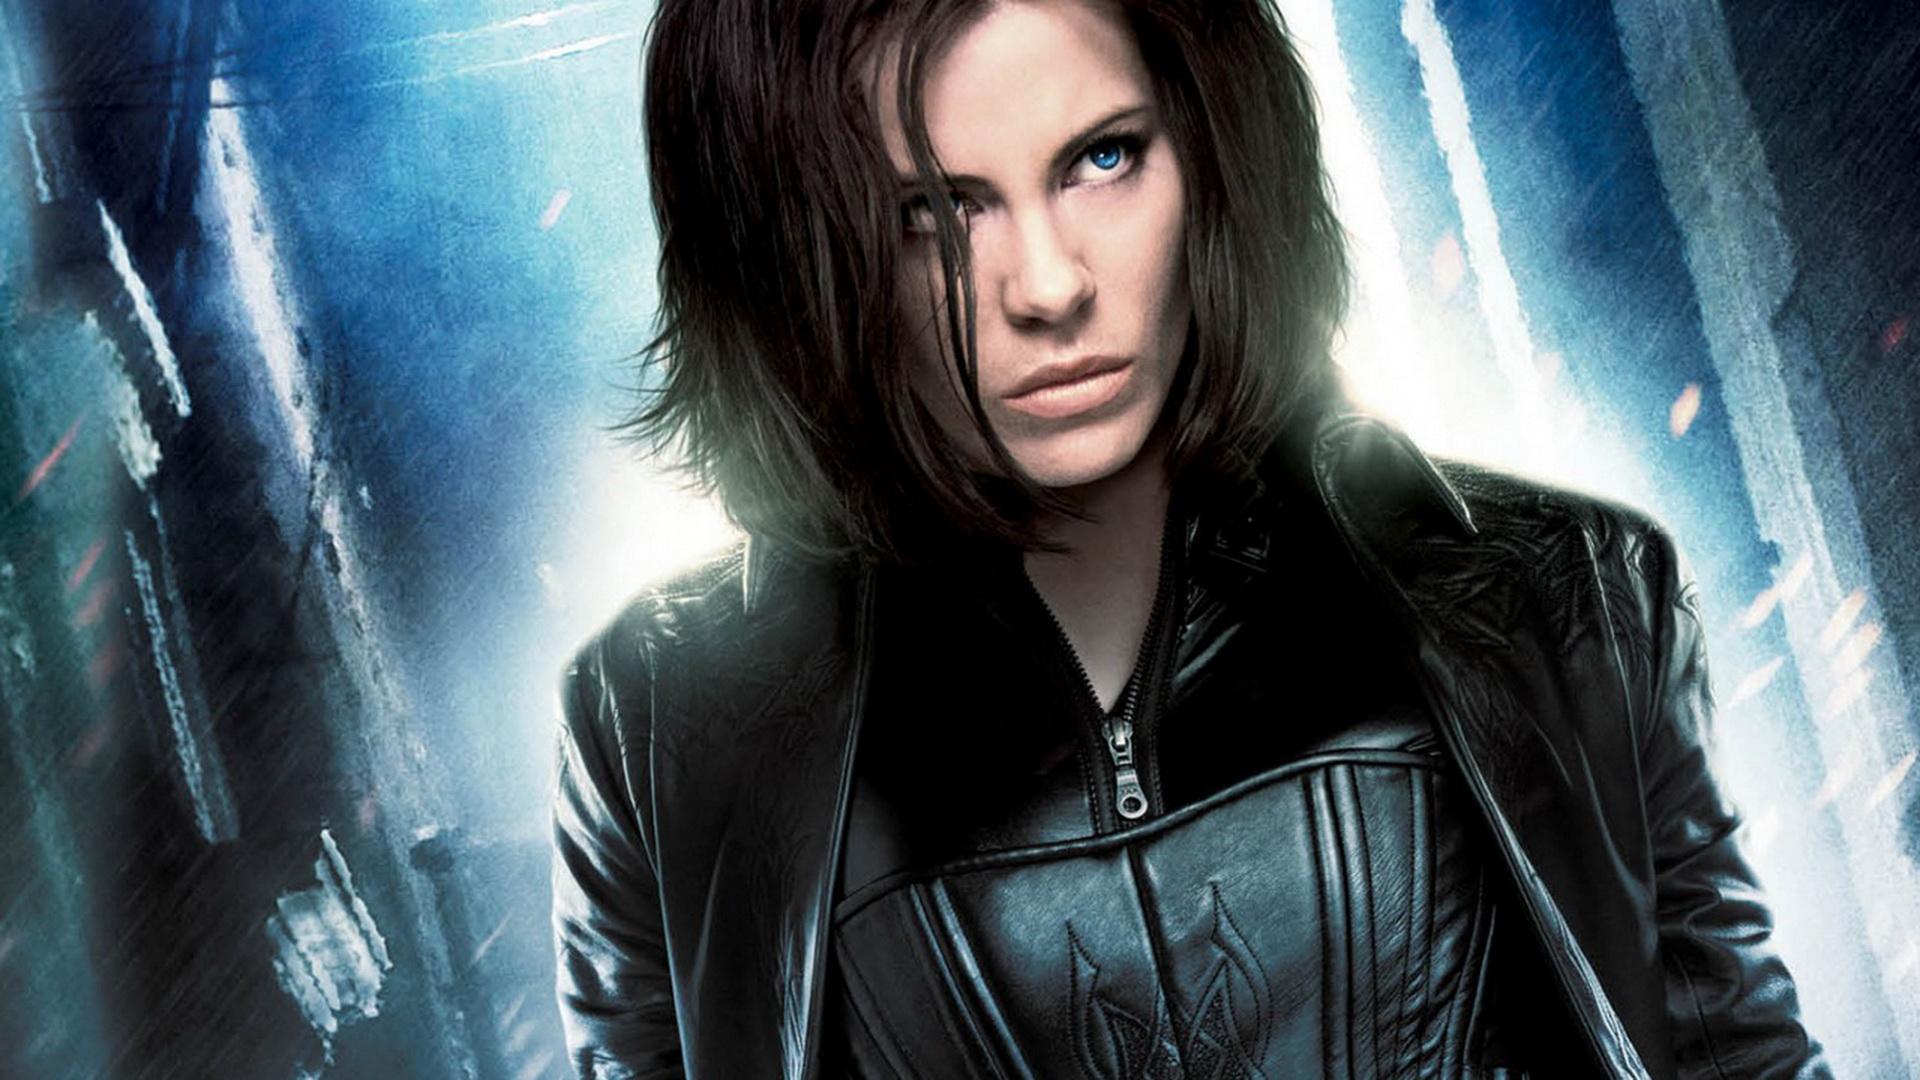 Кейт Бекинсэйл не вернётся в сериале по мотивам «Другого мира»